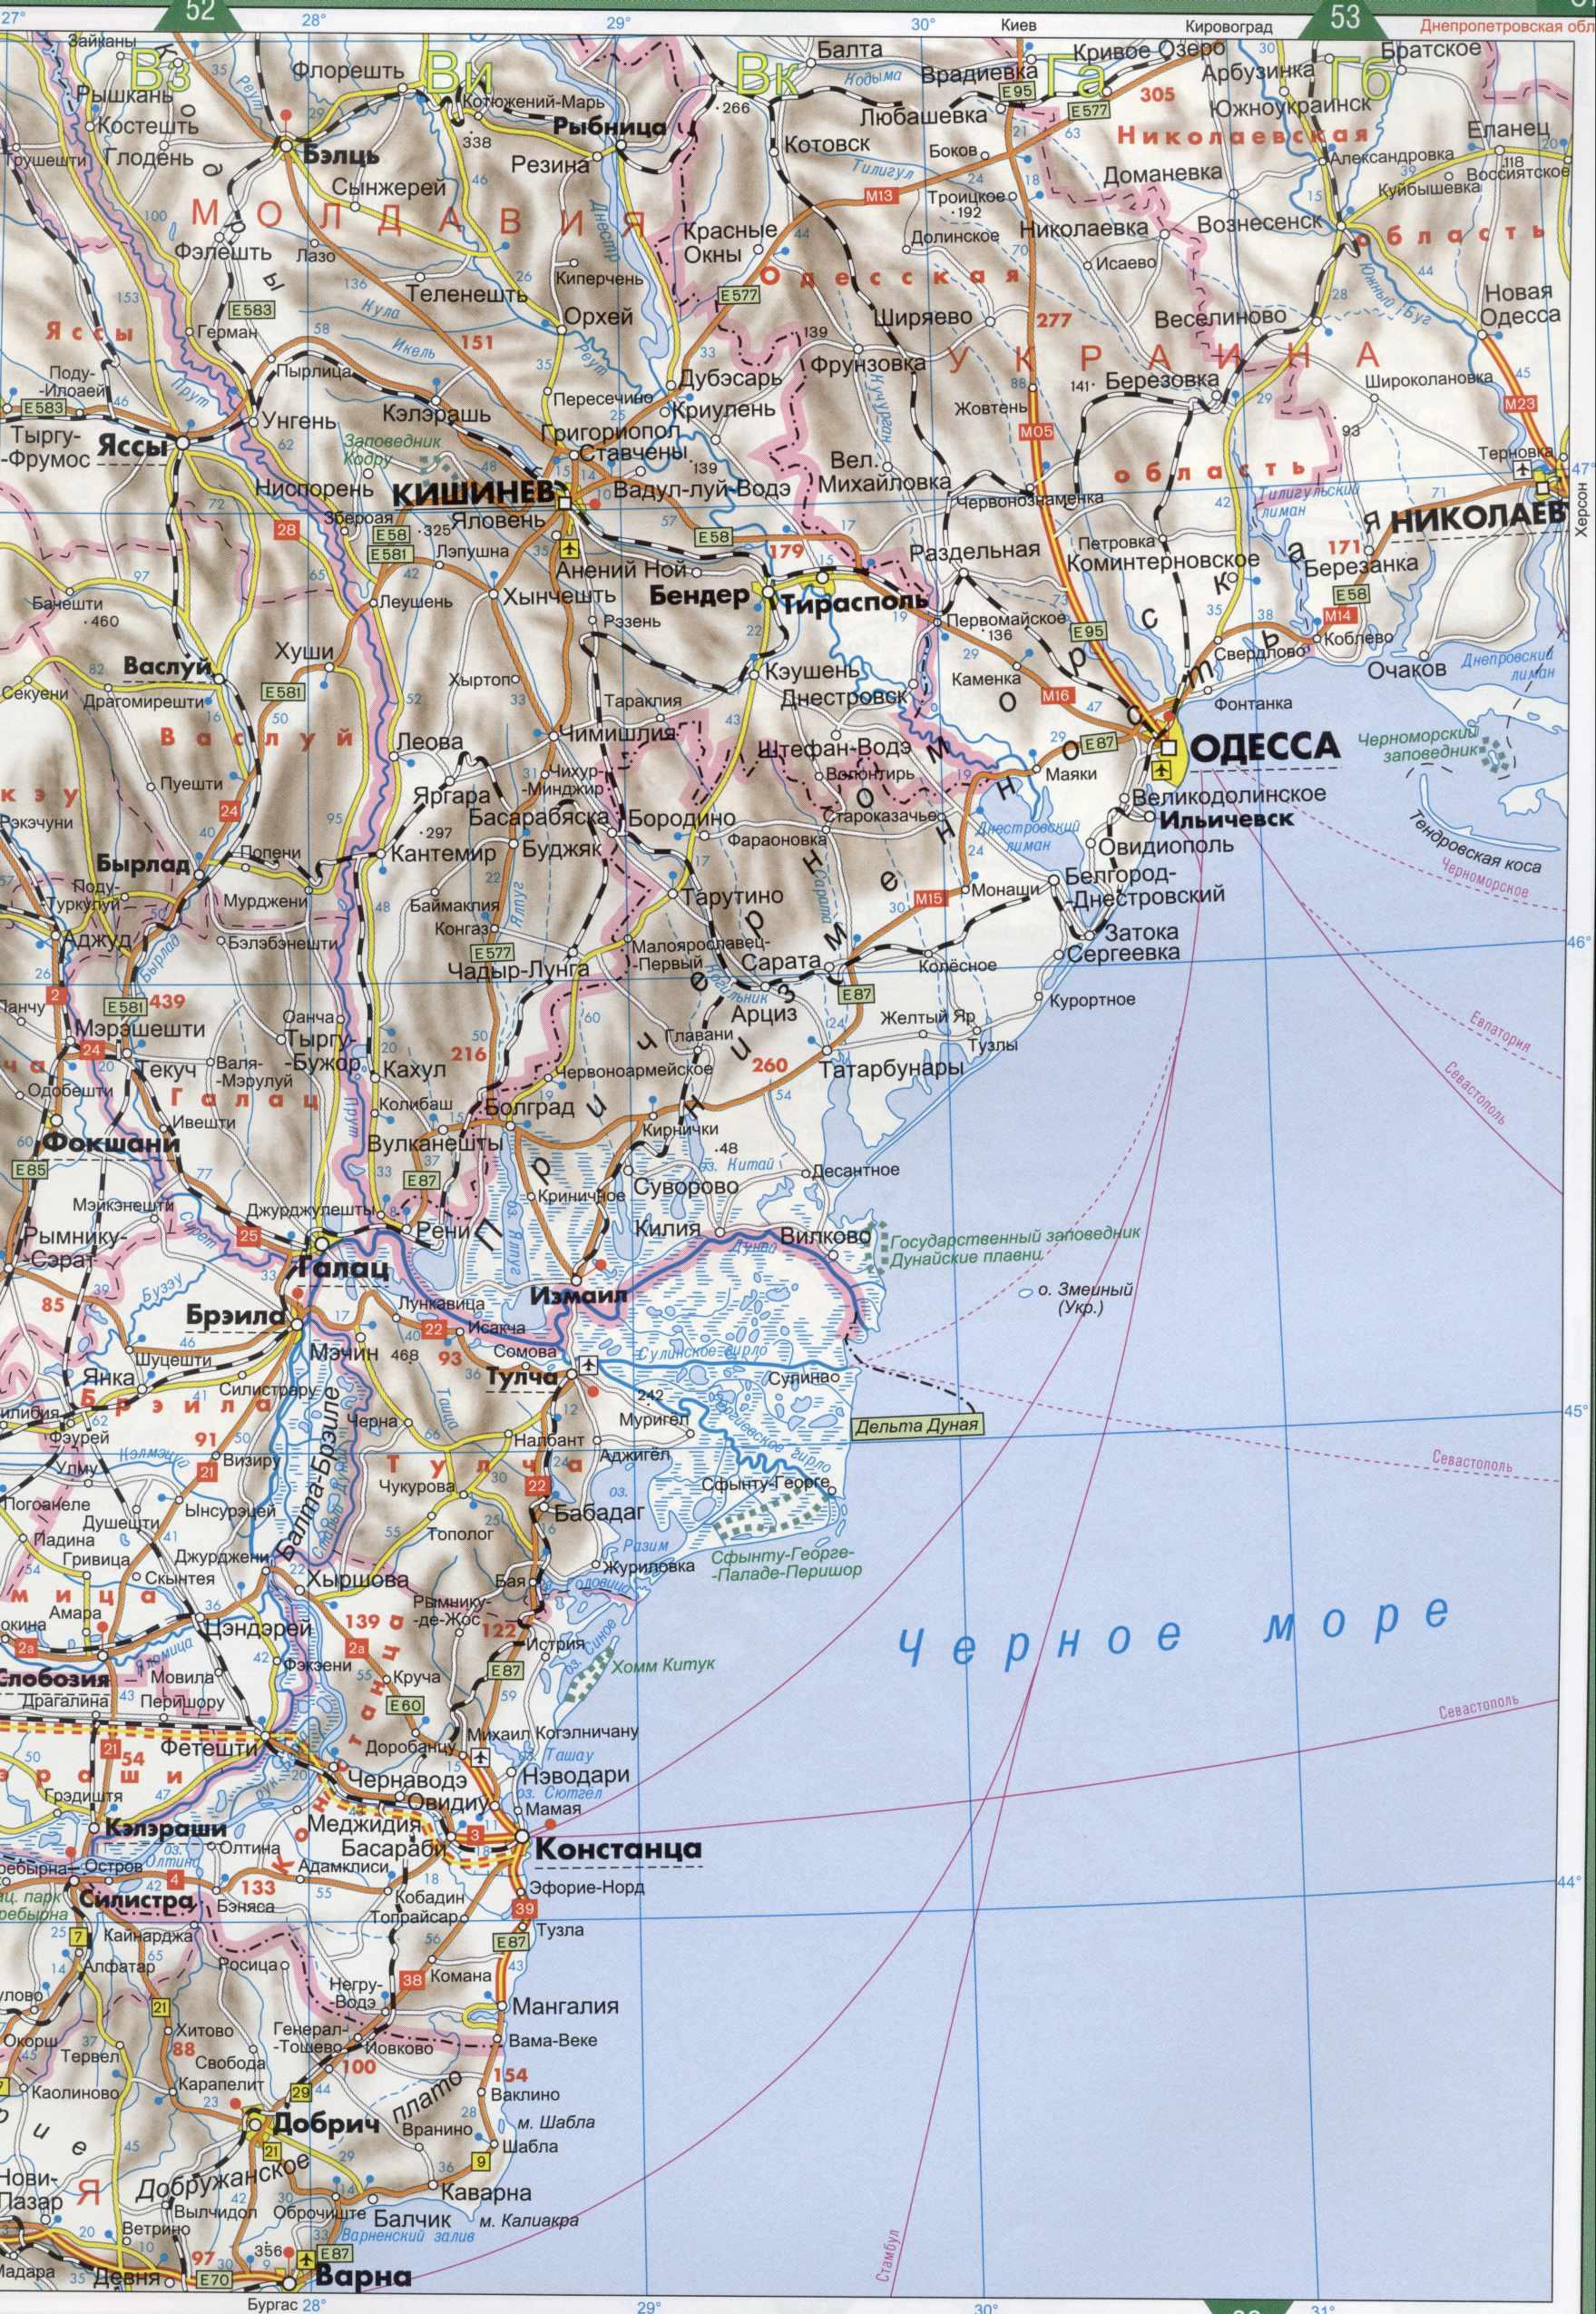 Карта Автомобильных Дорог Греции - alkorural: http://alkorural.weebly.com/blog/karta-avtomobiljnih-dorog-grecii